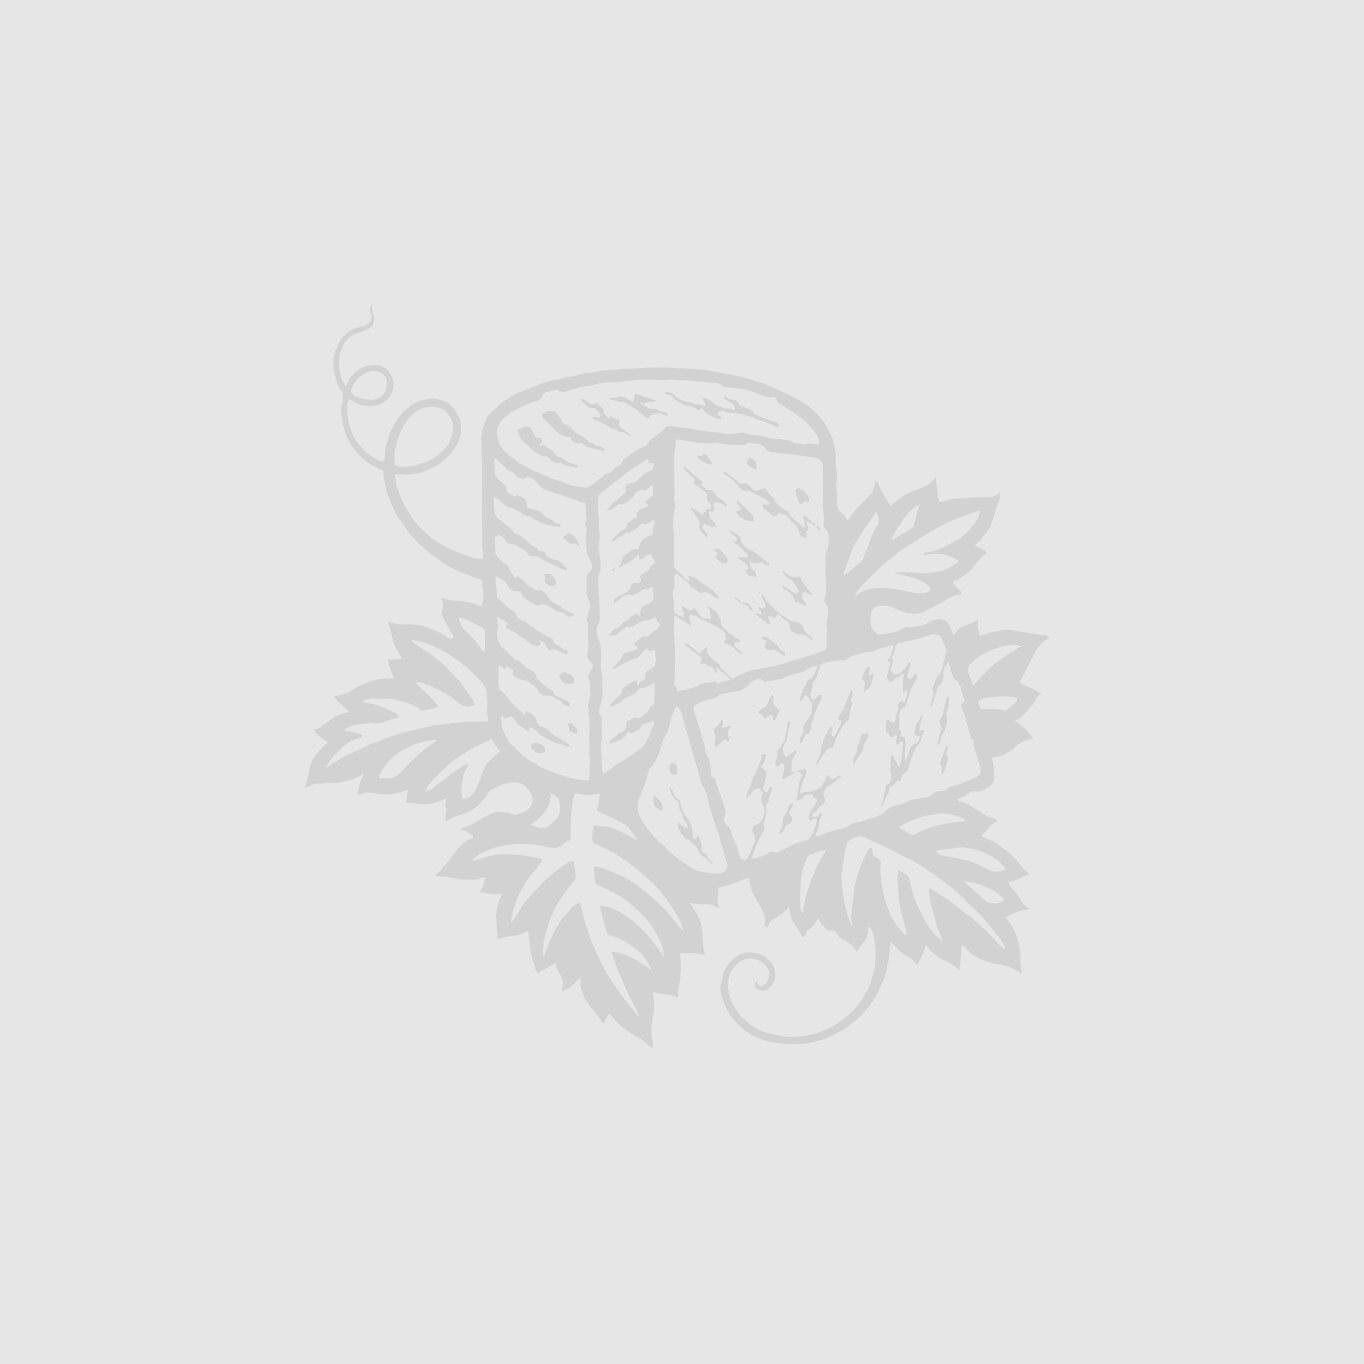 Chorey Les Beaune 'Les Bons Ores' Domaine Guyon 2015